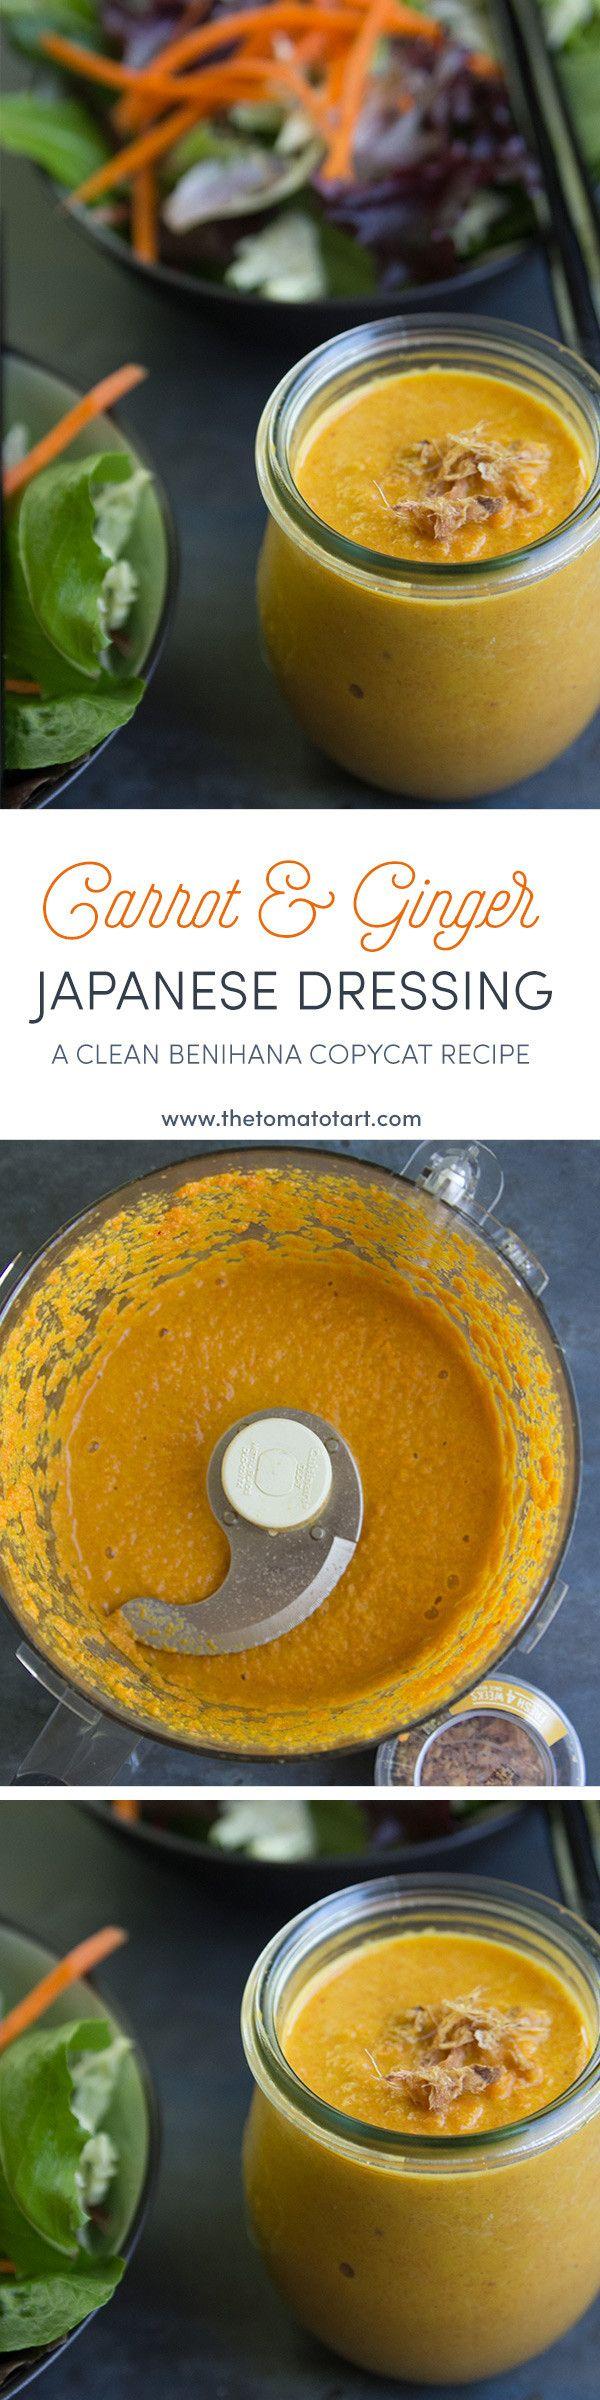 Carrot & Ginger Japanese Salad Dressing